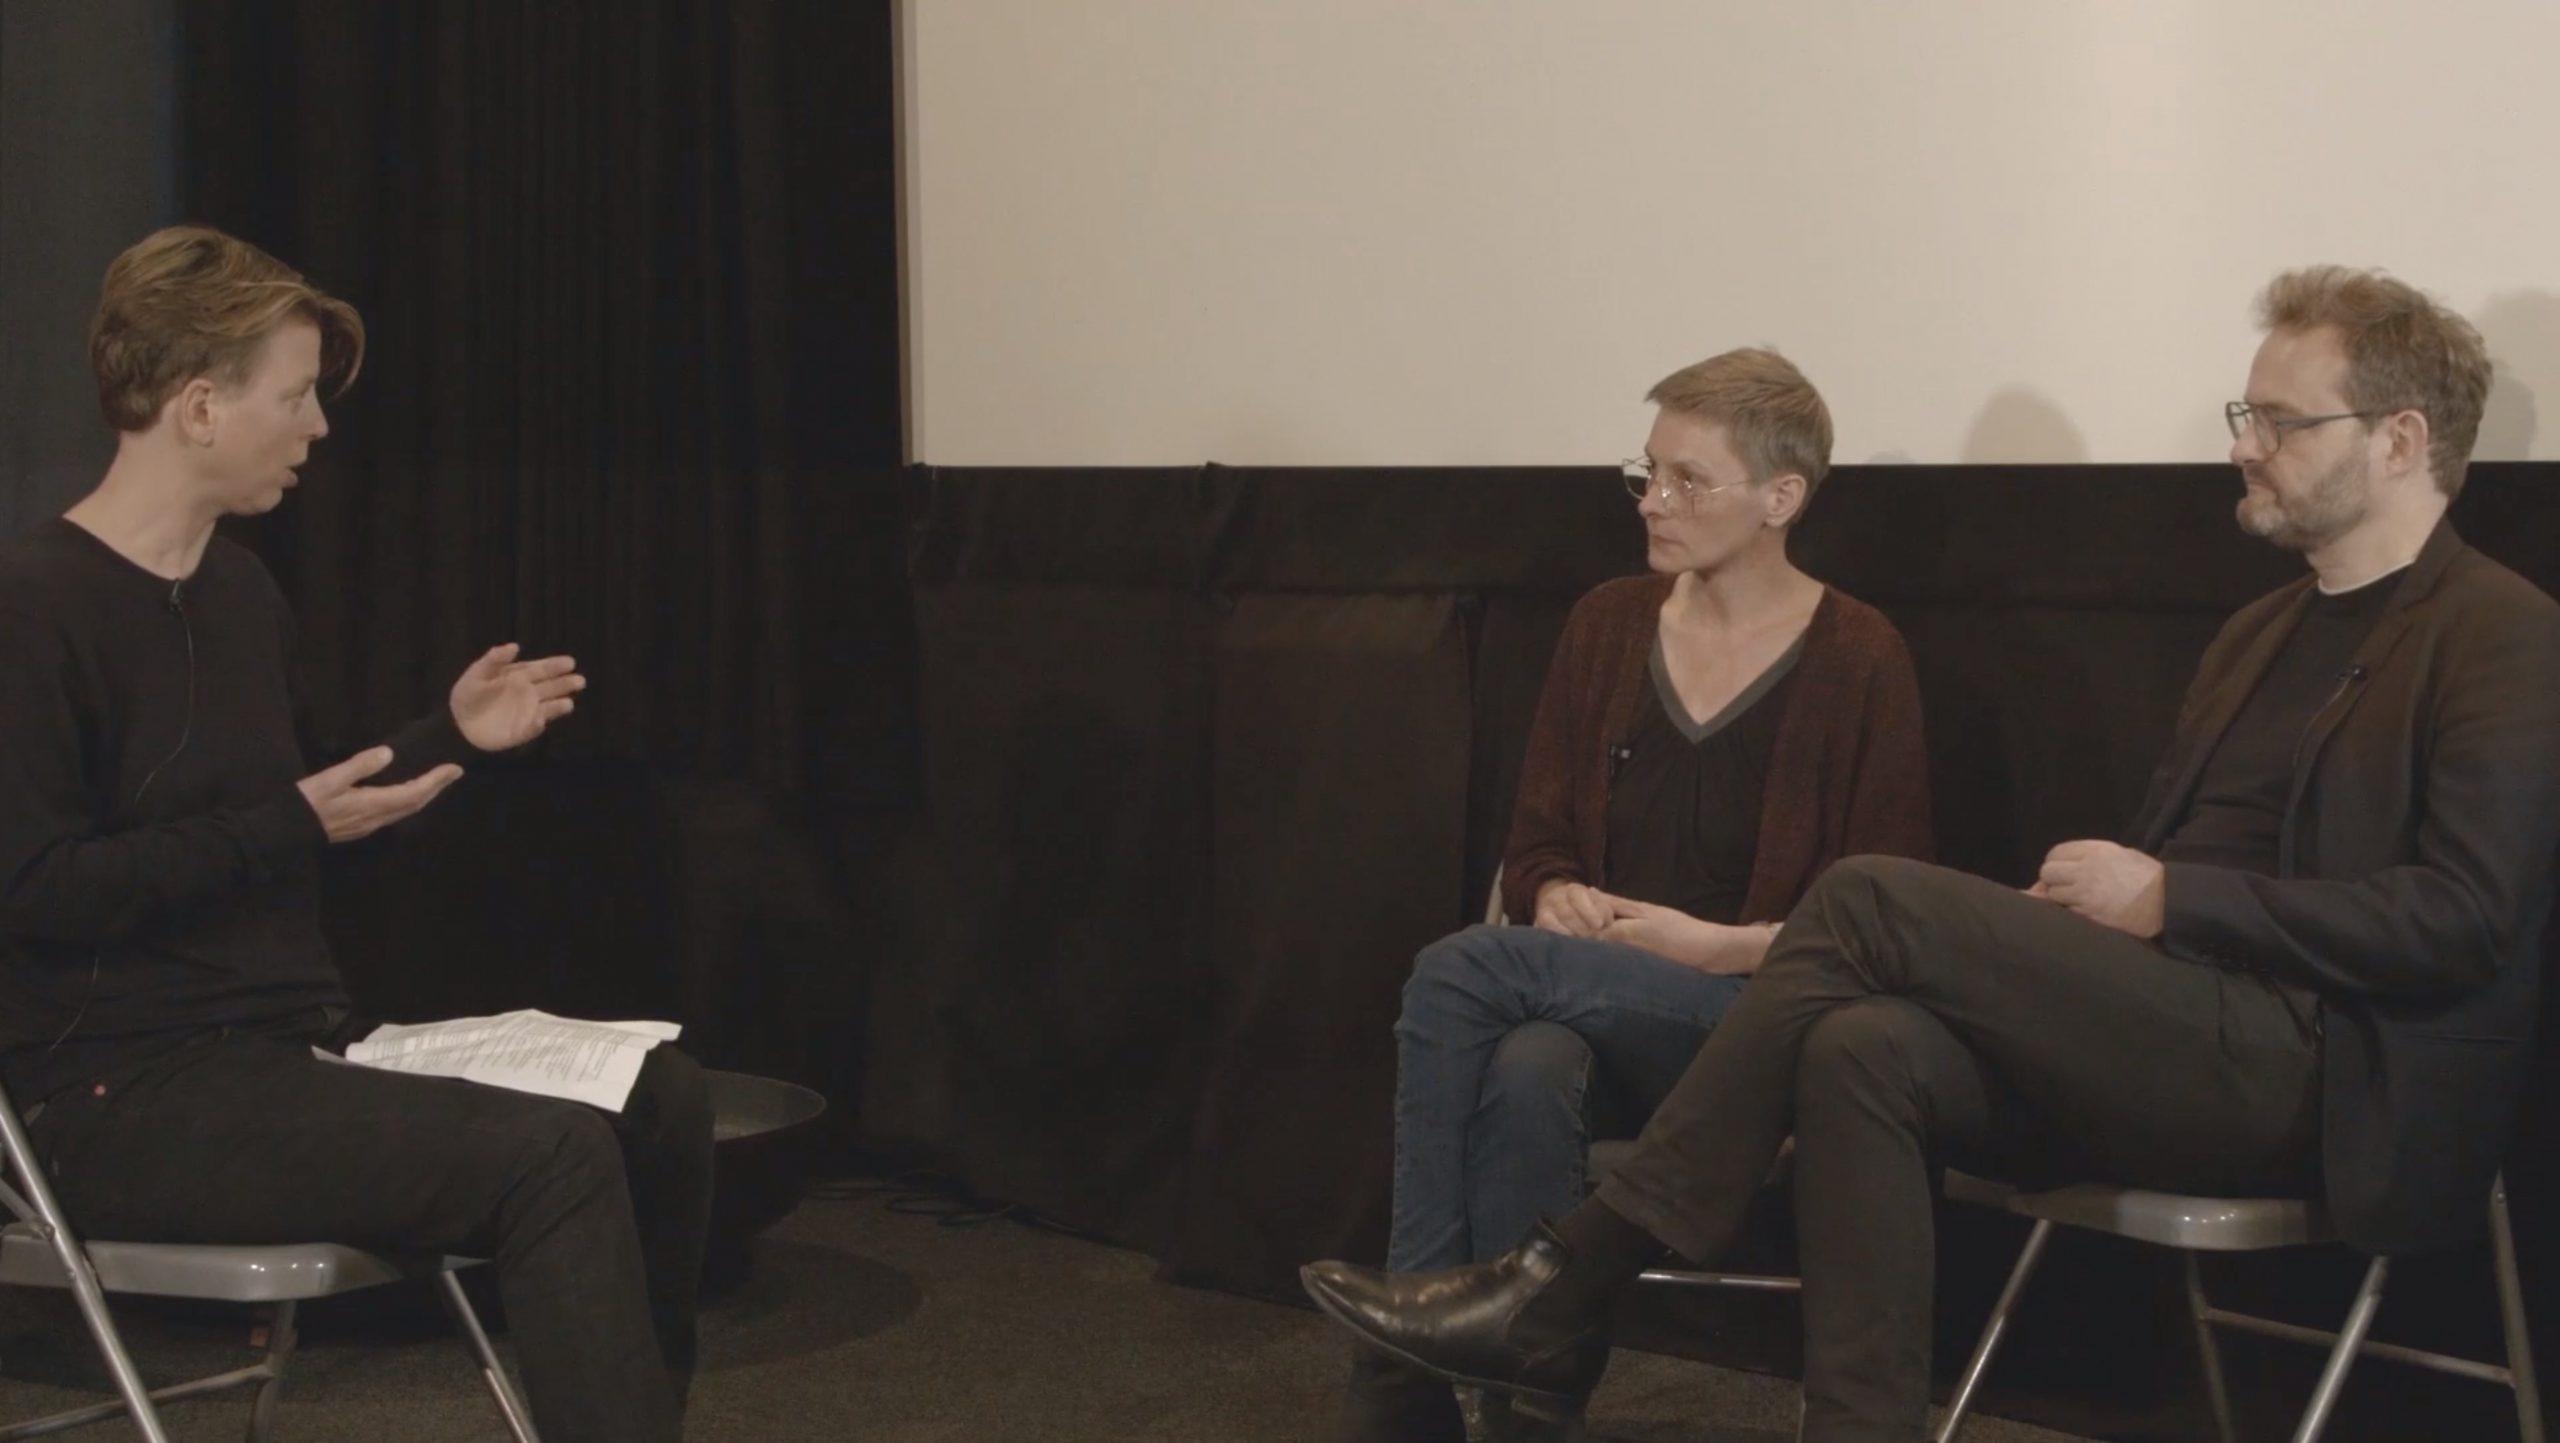 Alex Gerbaulet, Sabine Herpich, Tobias Büchner v.l.